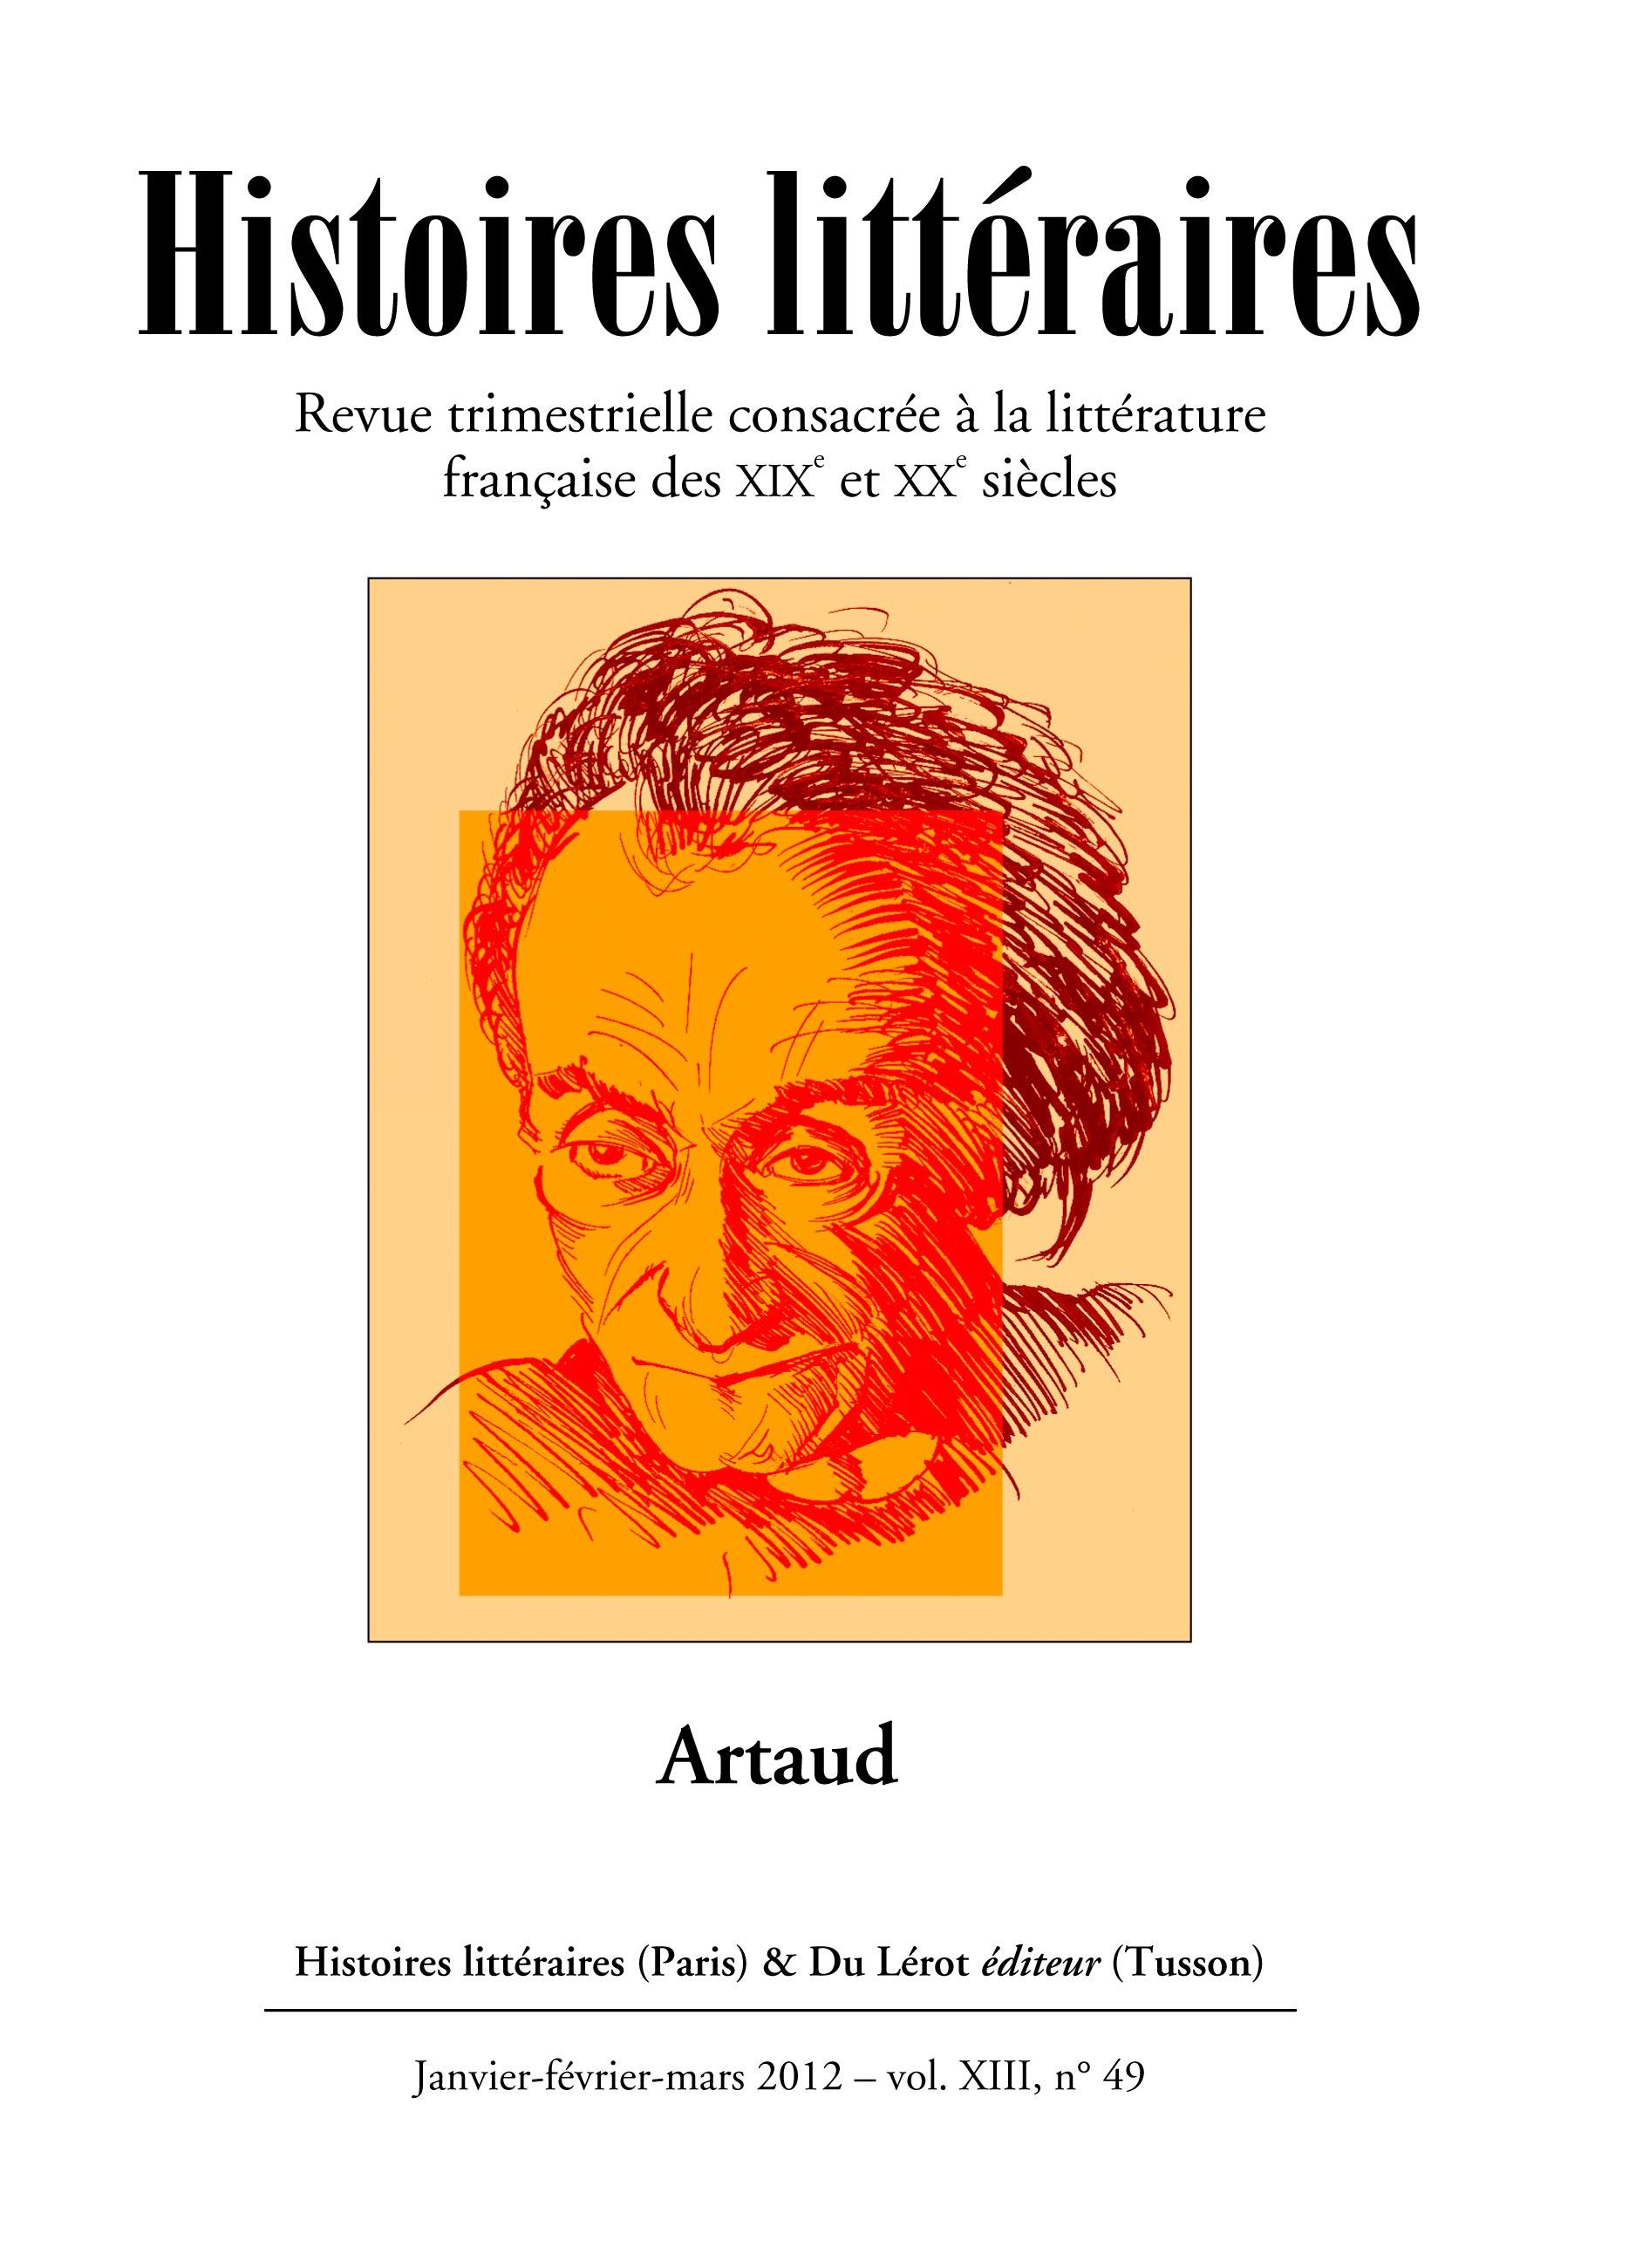 Couvertures d'Histoires littéraires n°49